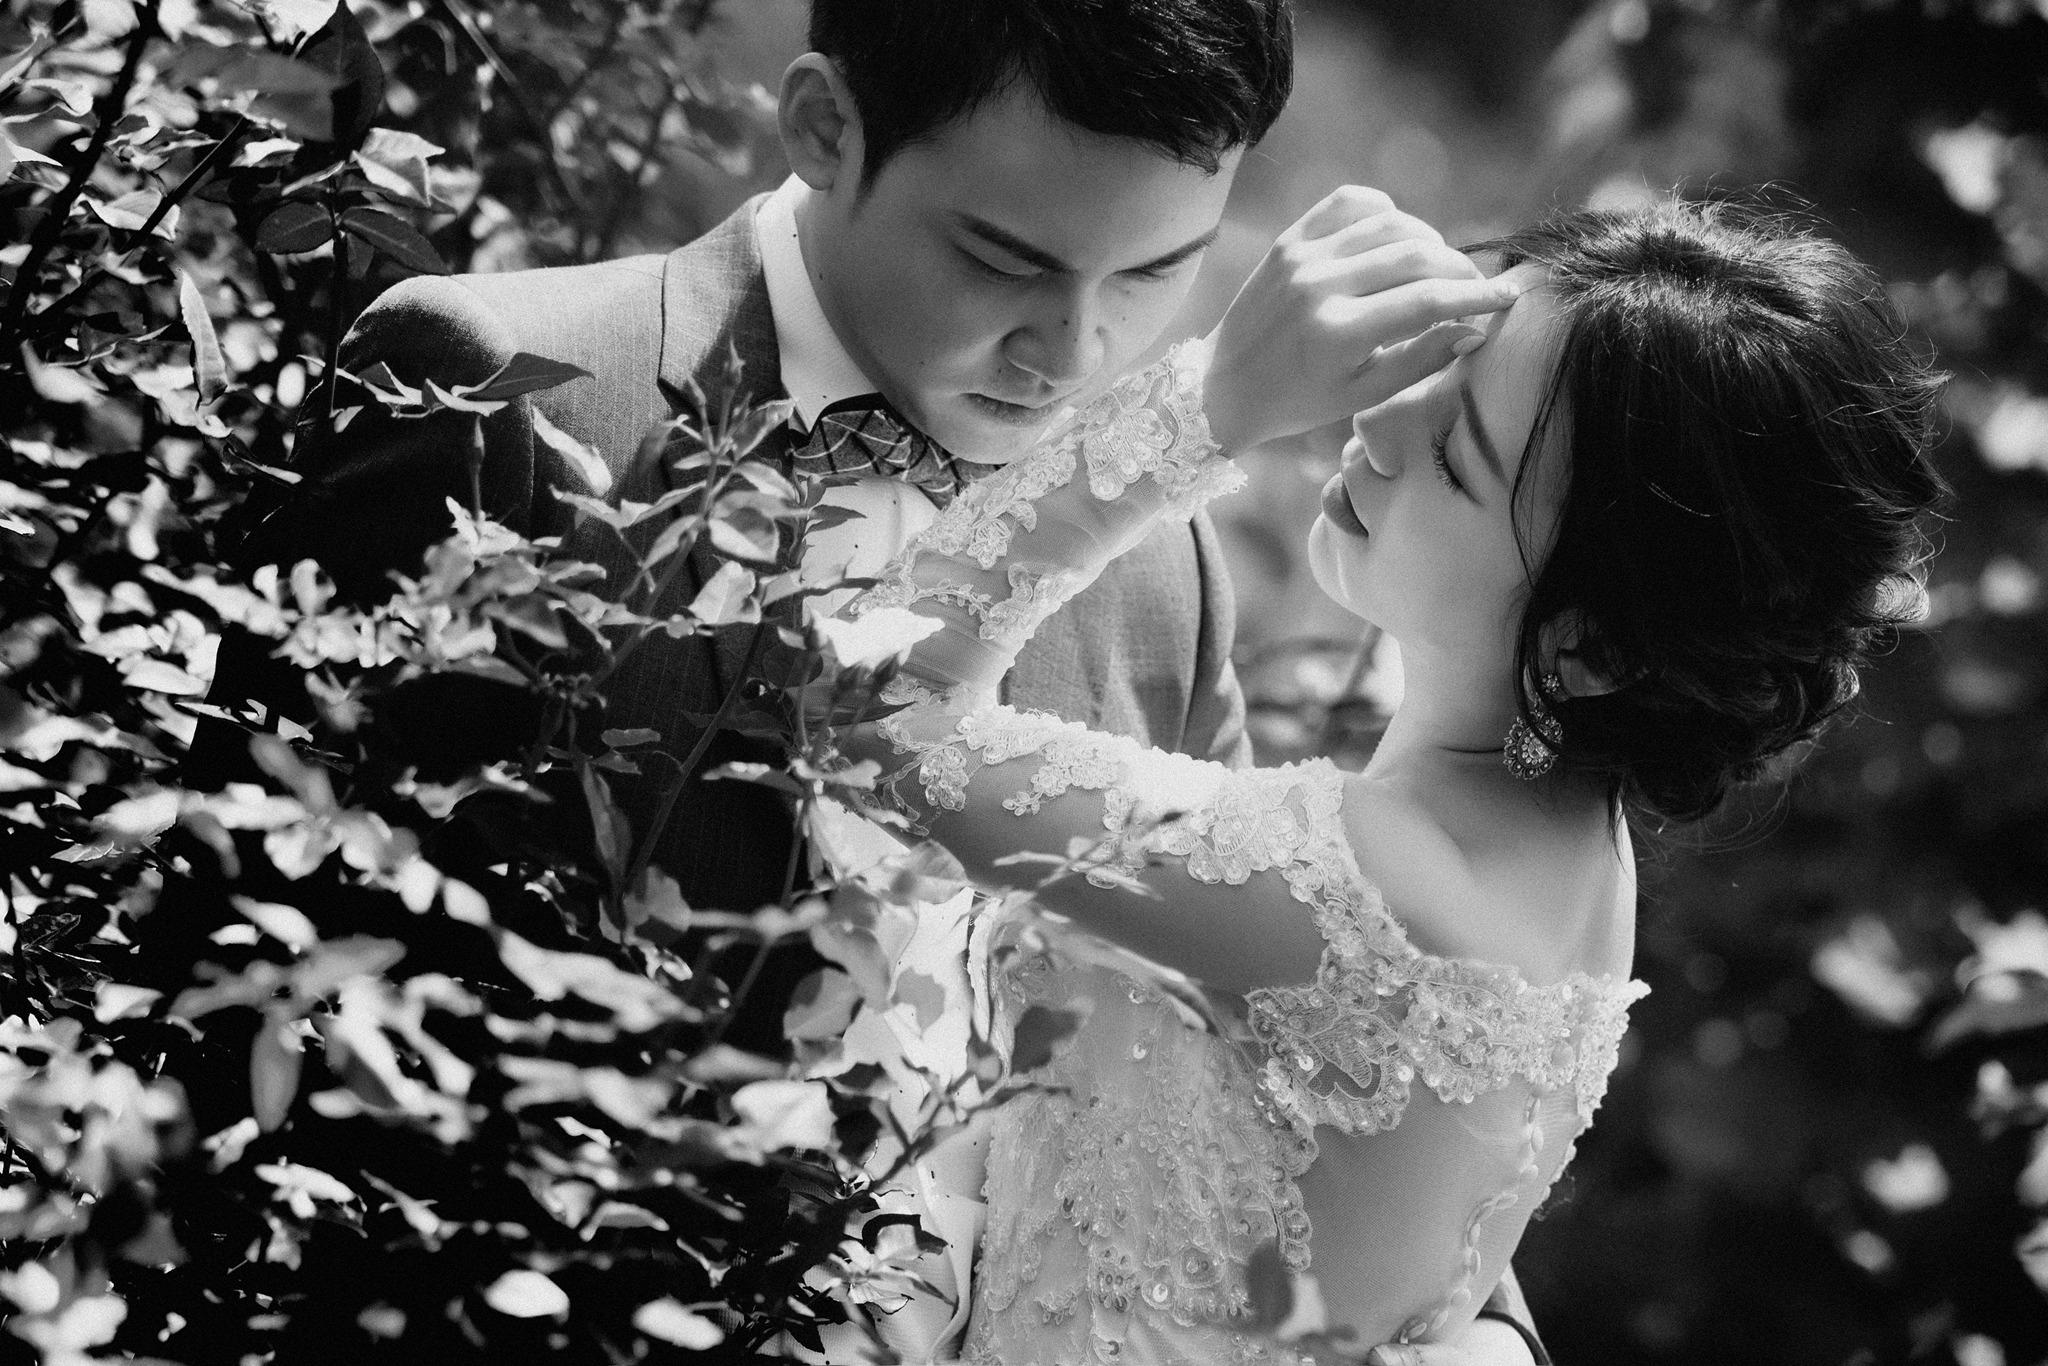 雜誌風 酷帥風格 台北婚紗推薦 歐系婚紗 美式風格 逆光婚紗 台北婚紗推薦 海邊黃昏夕陽